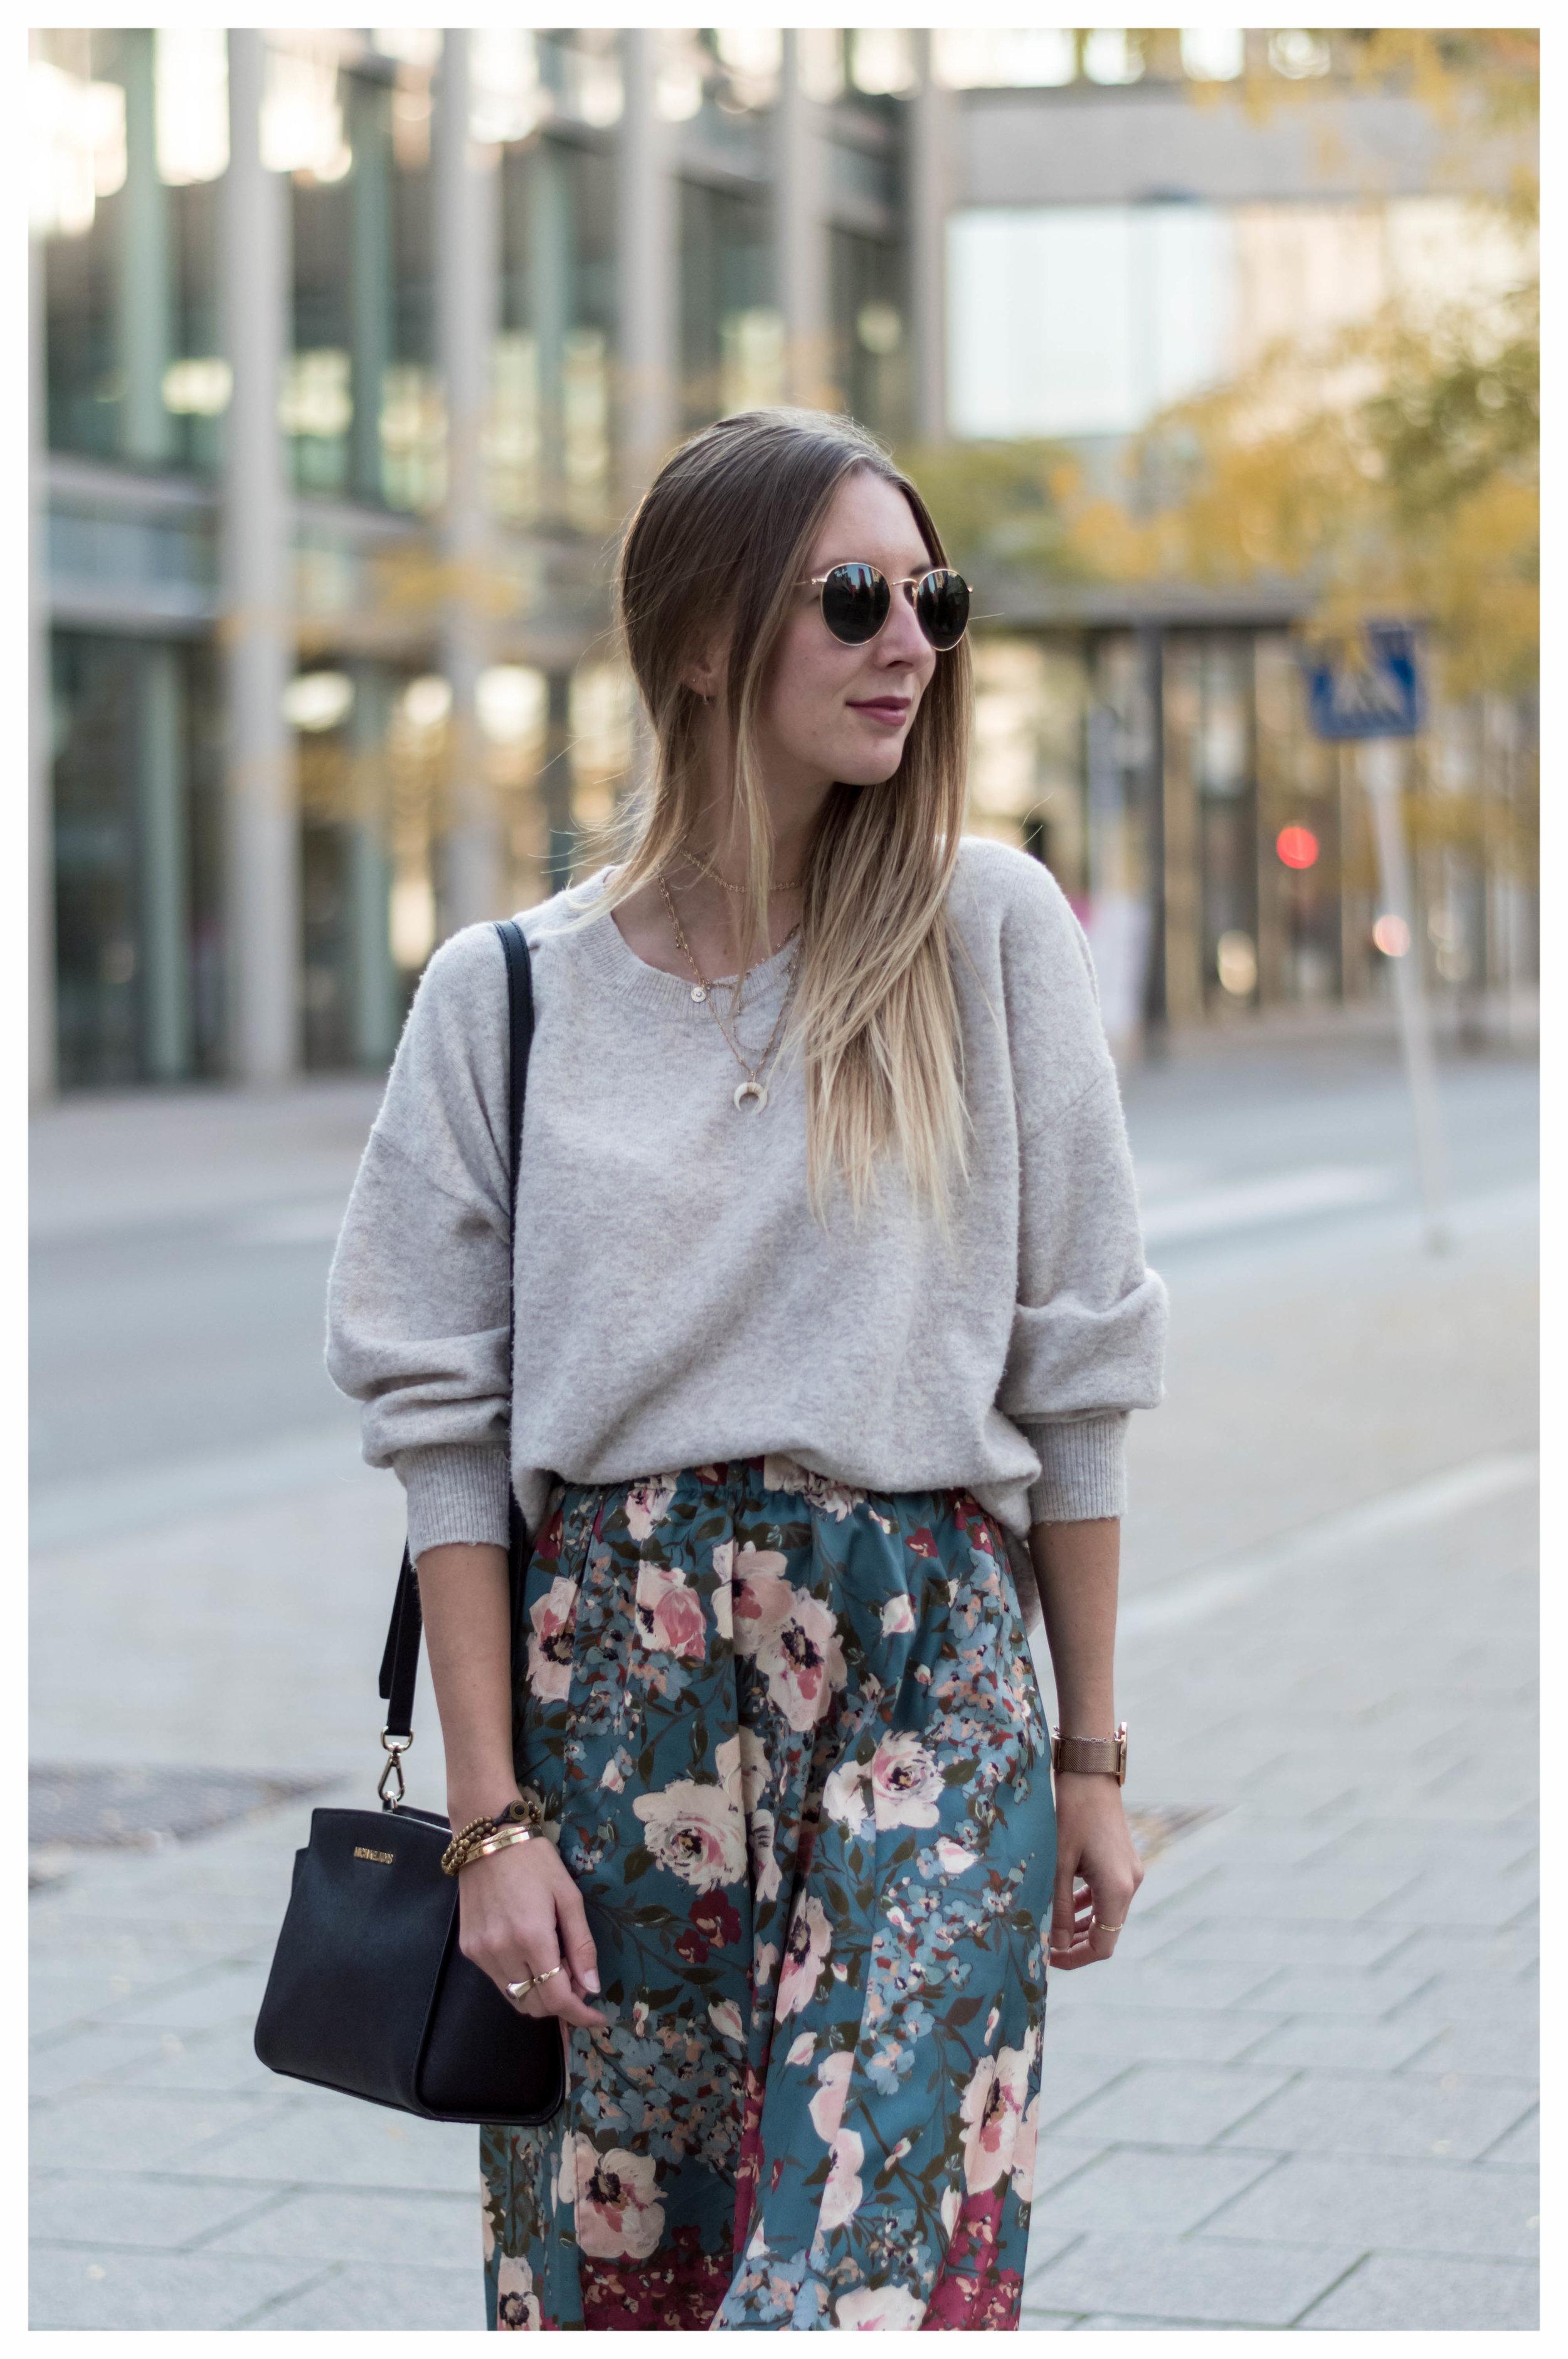 Floral Skirt Lux - OSIARAH.COM (1 sur 21).jpg